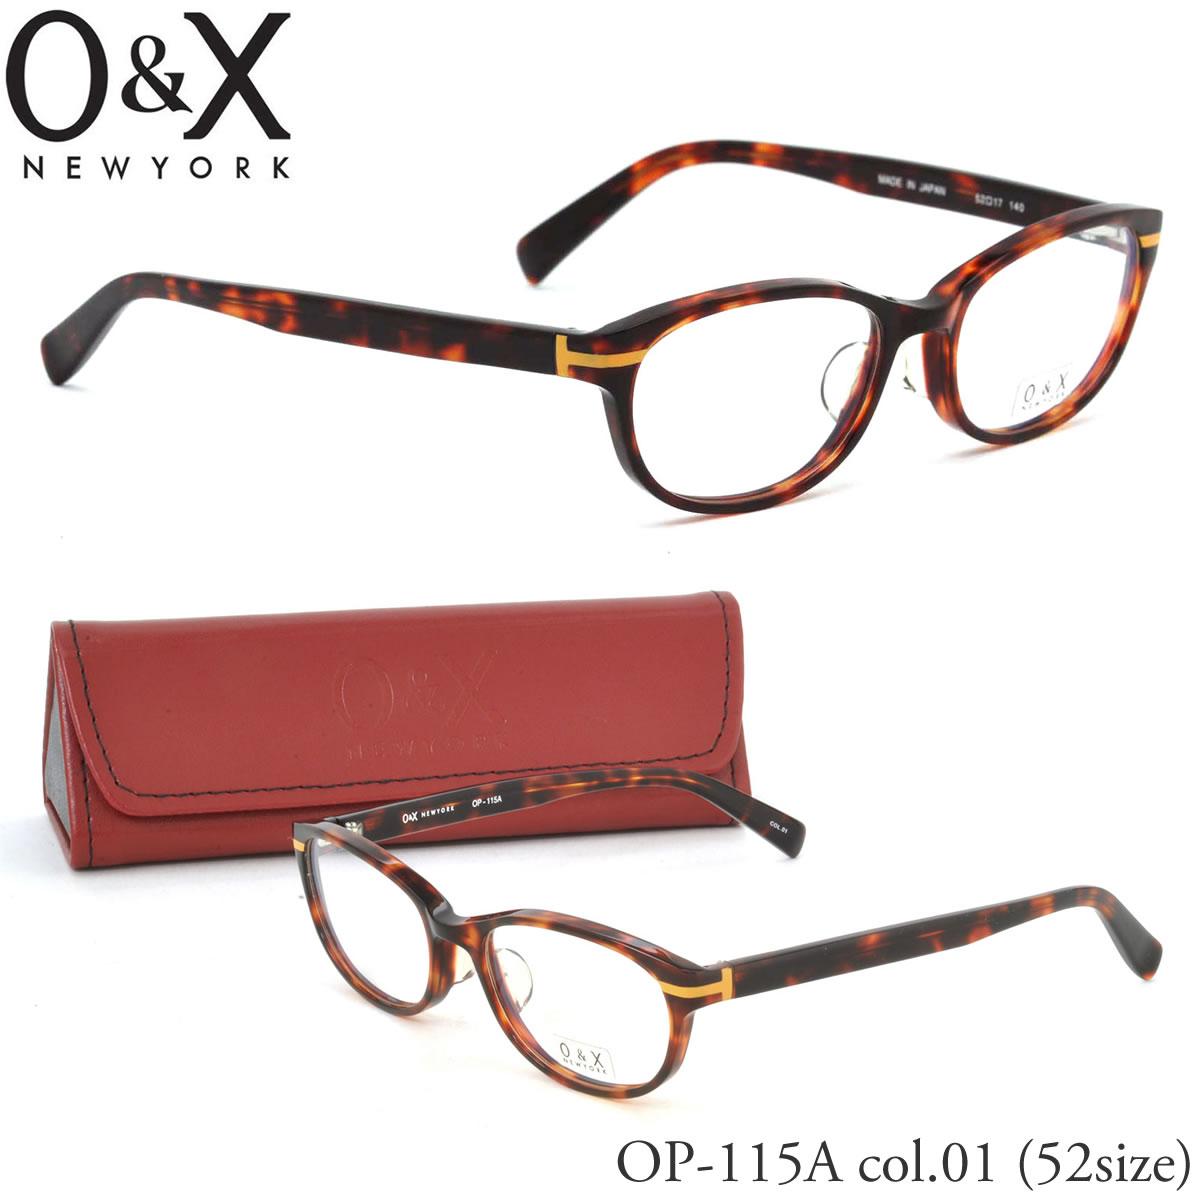 【10月30日からエントリーで全品ポイント20倍】【O&X】(オーアンドエックス) メガネ フレーム OP 115A 01 52サイズ オーバル 日本製 オーアンドエックス O&X メンズ レディース